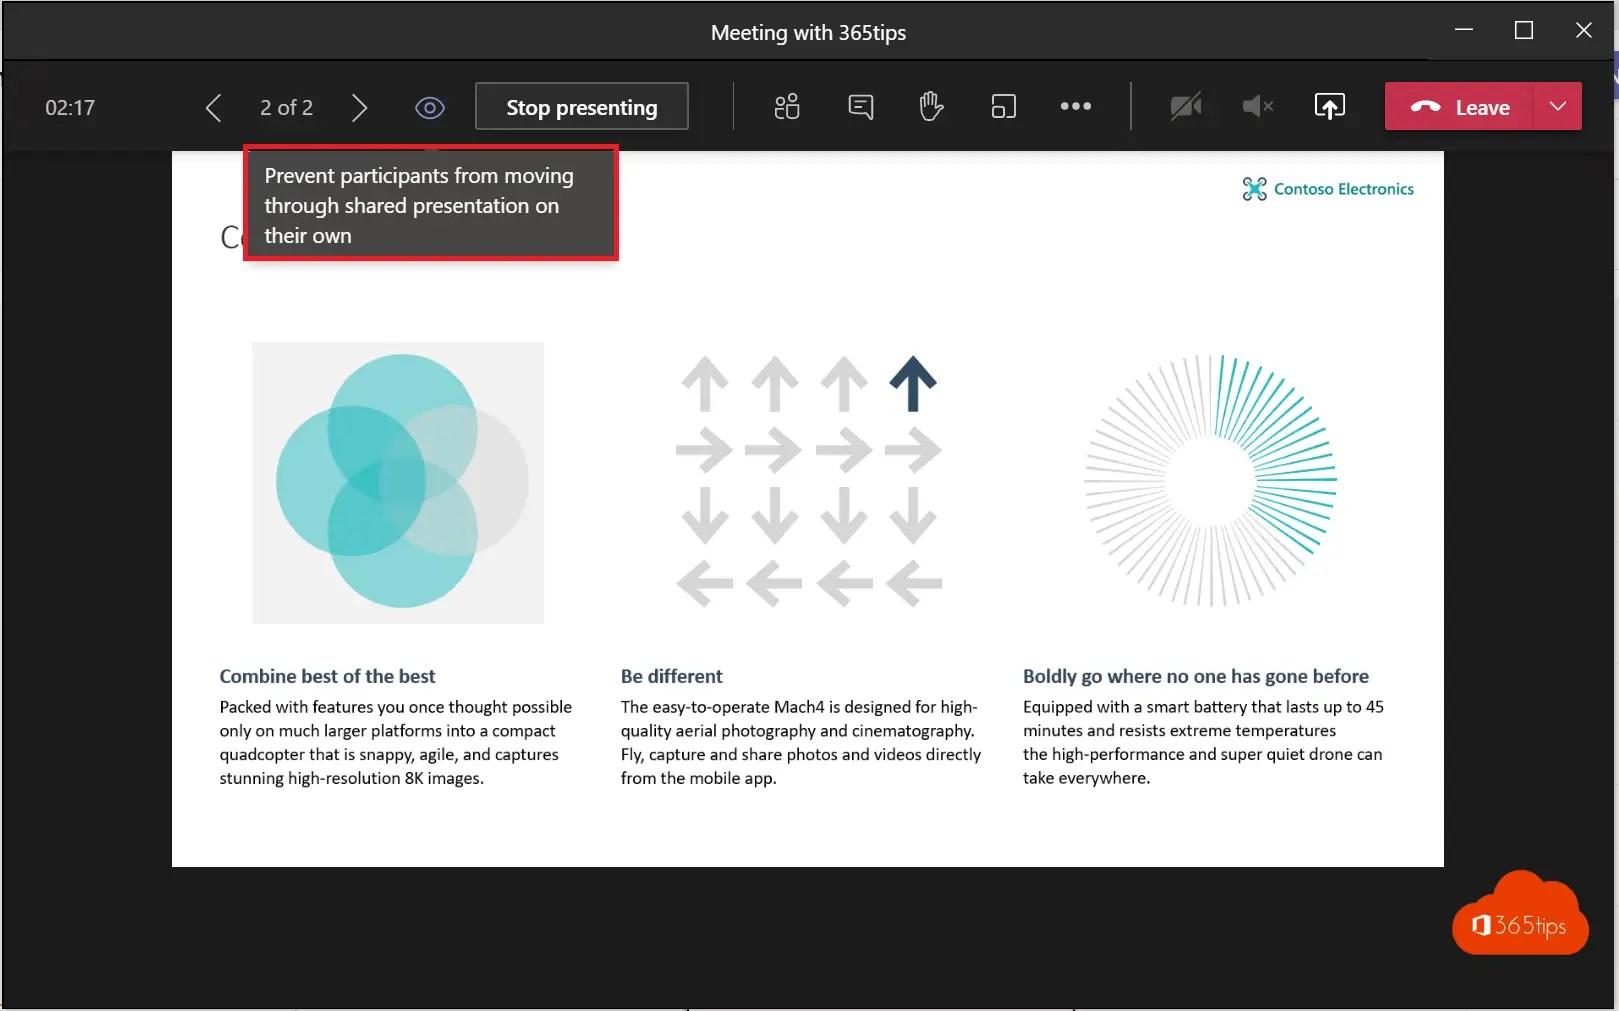 Voorkom dat deelnemers door een PowerPoint presentatie navigeren